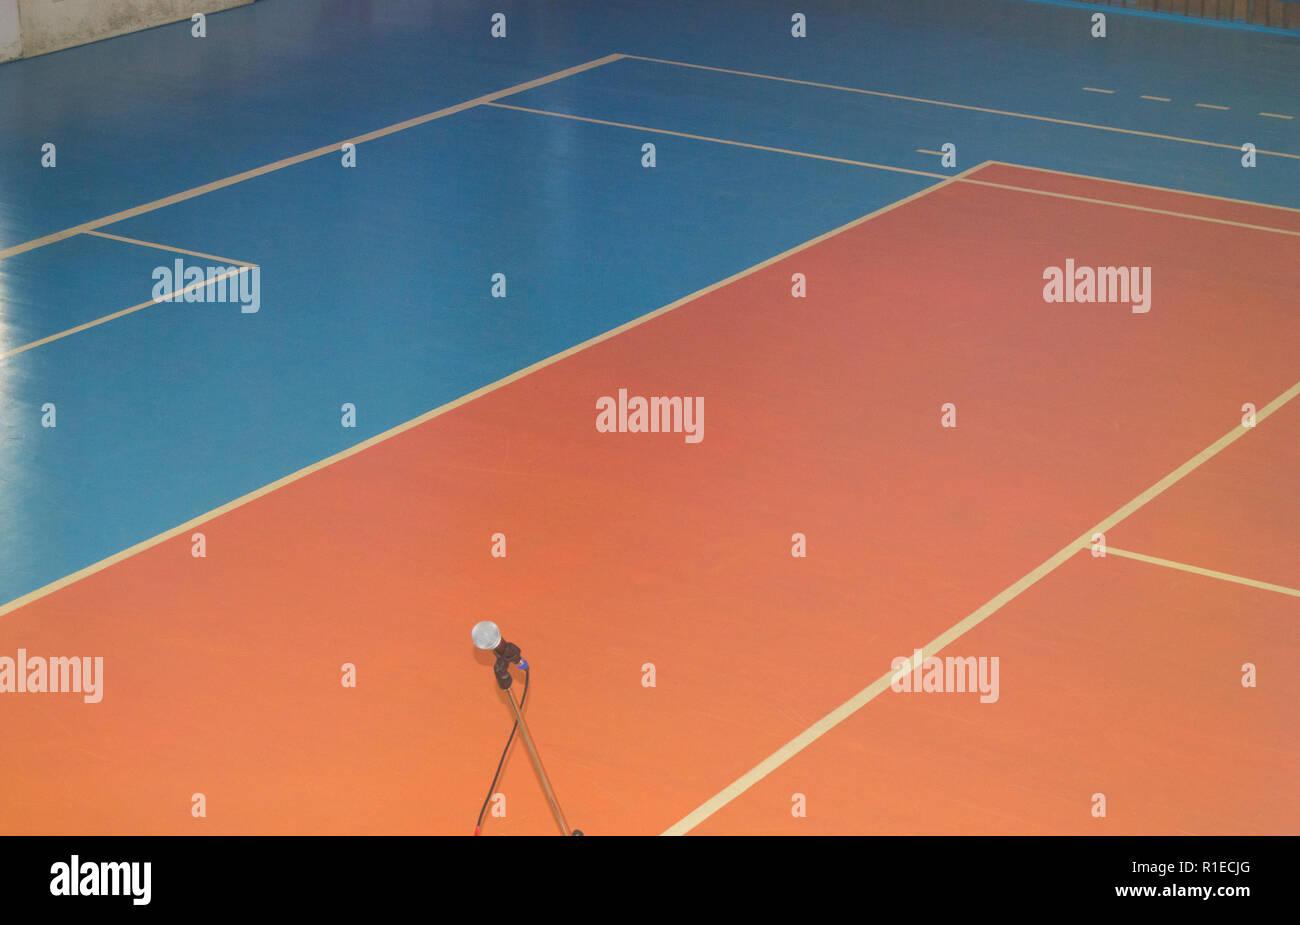 Vuoto sport training room con i contrassegni sul pavimento per le competizioni Immagini Stock